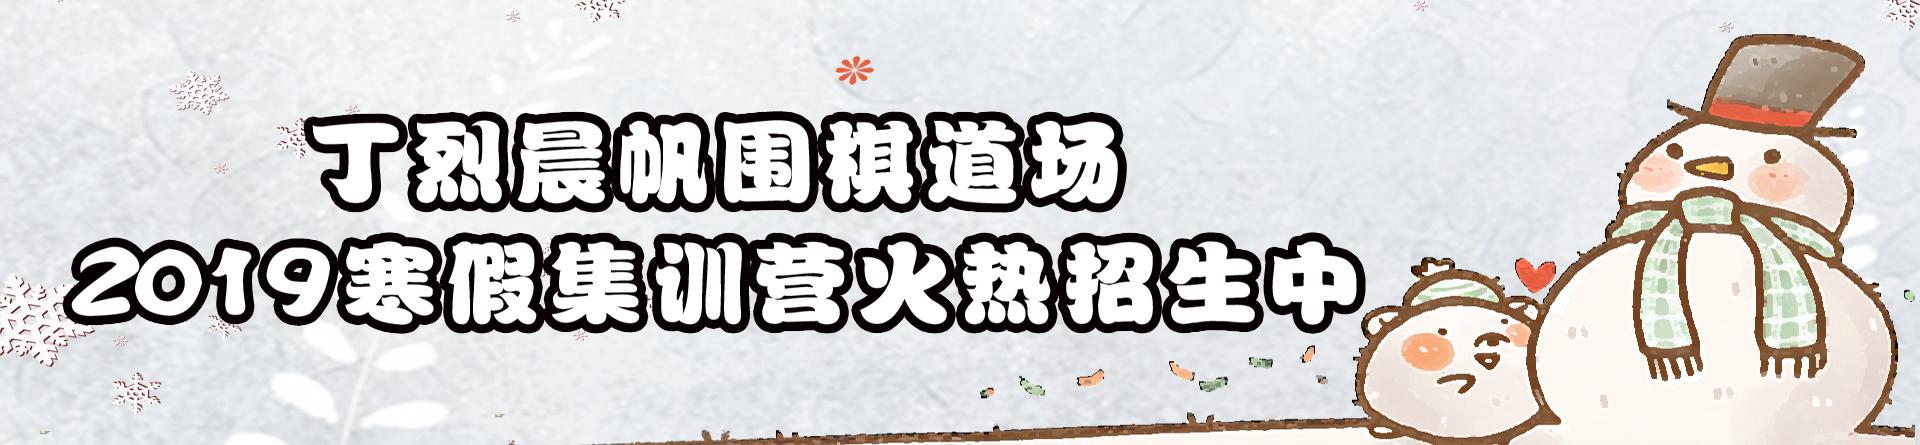 丁烈晨帆围棋道场2019年寒假集训